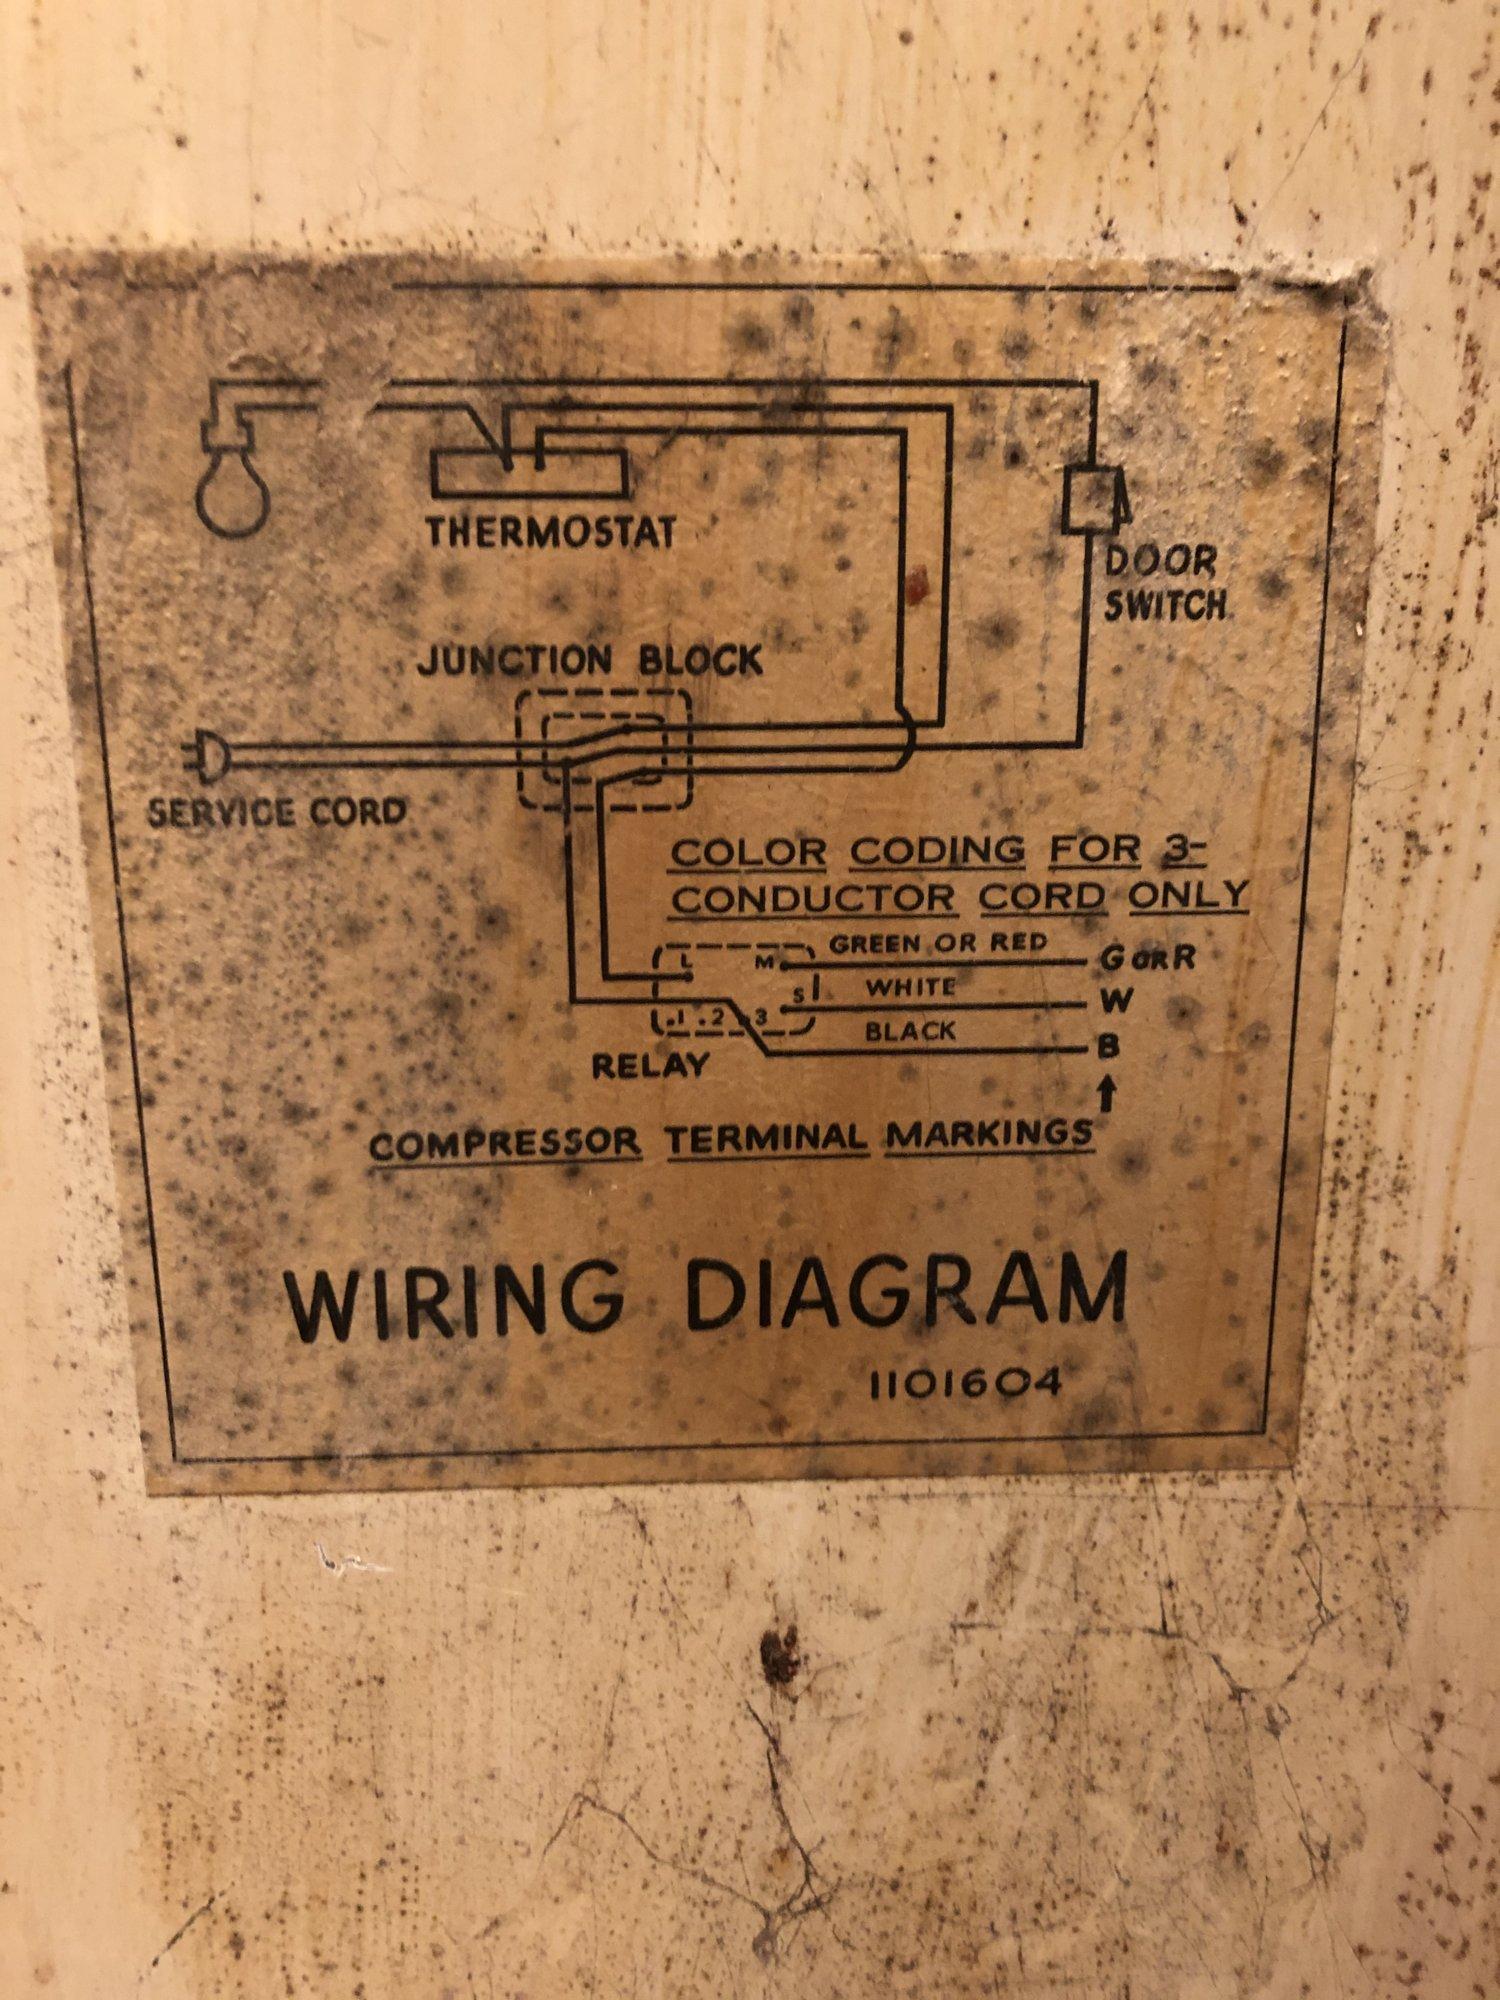 1940's or 1950's Kelvinator Wiring | ApplianceBlog Repair ForumsApplianceBlog